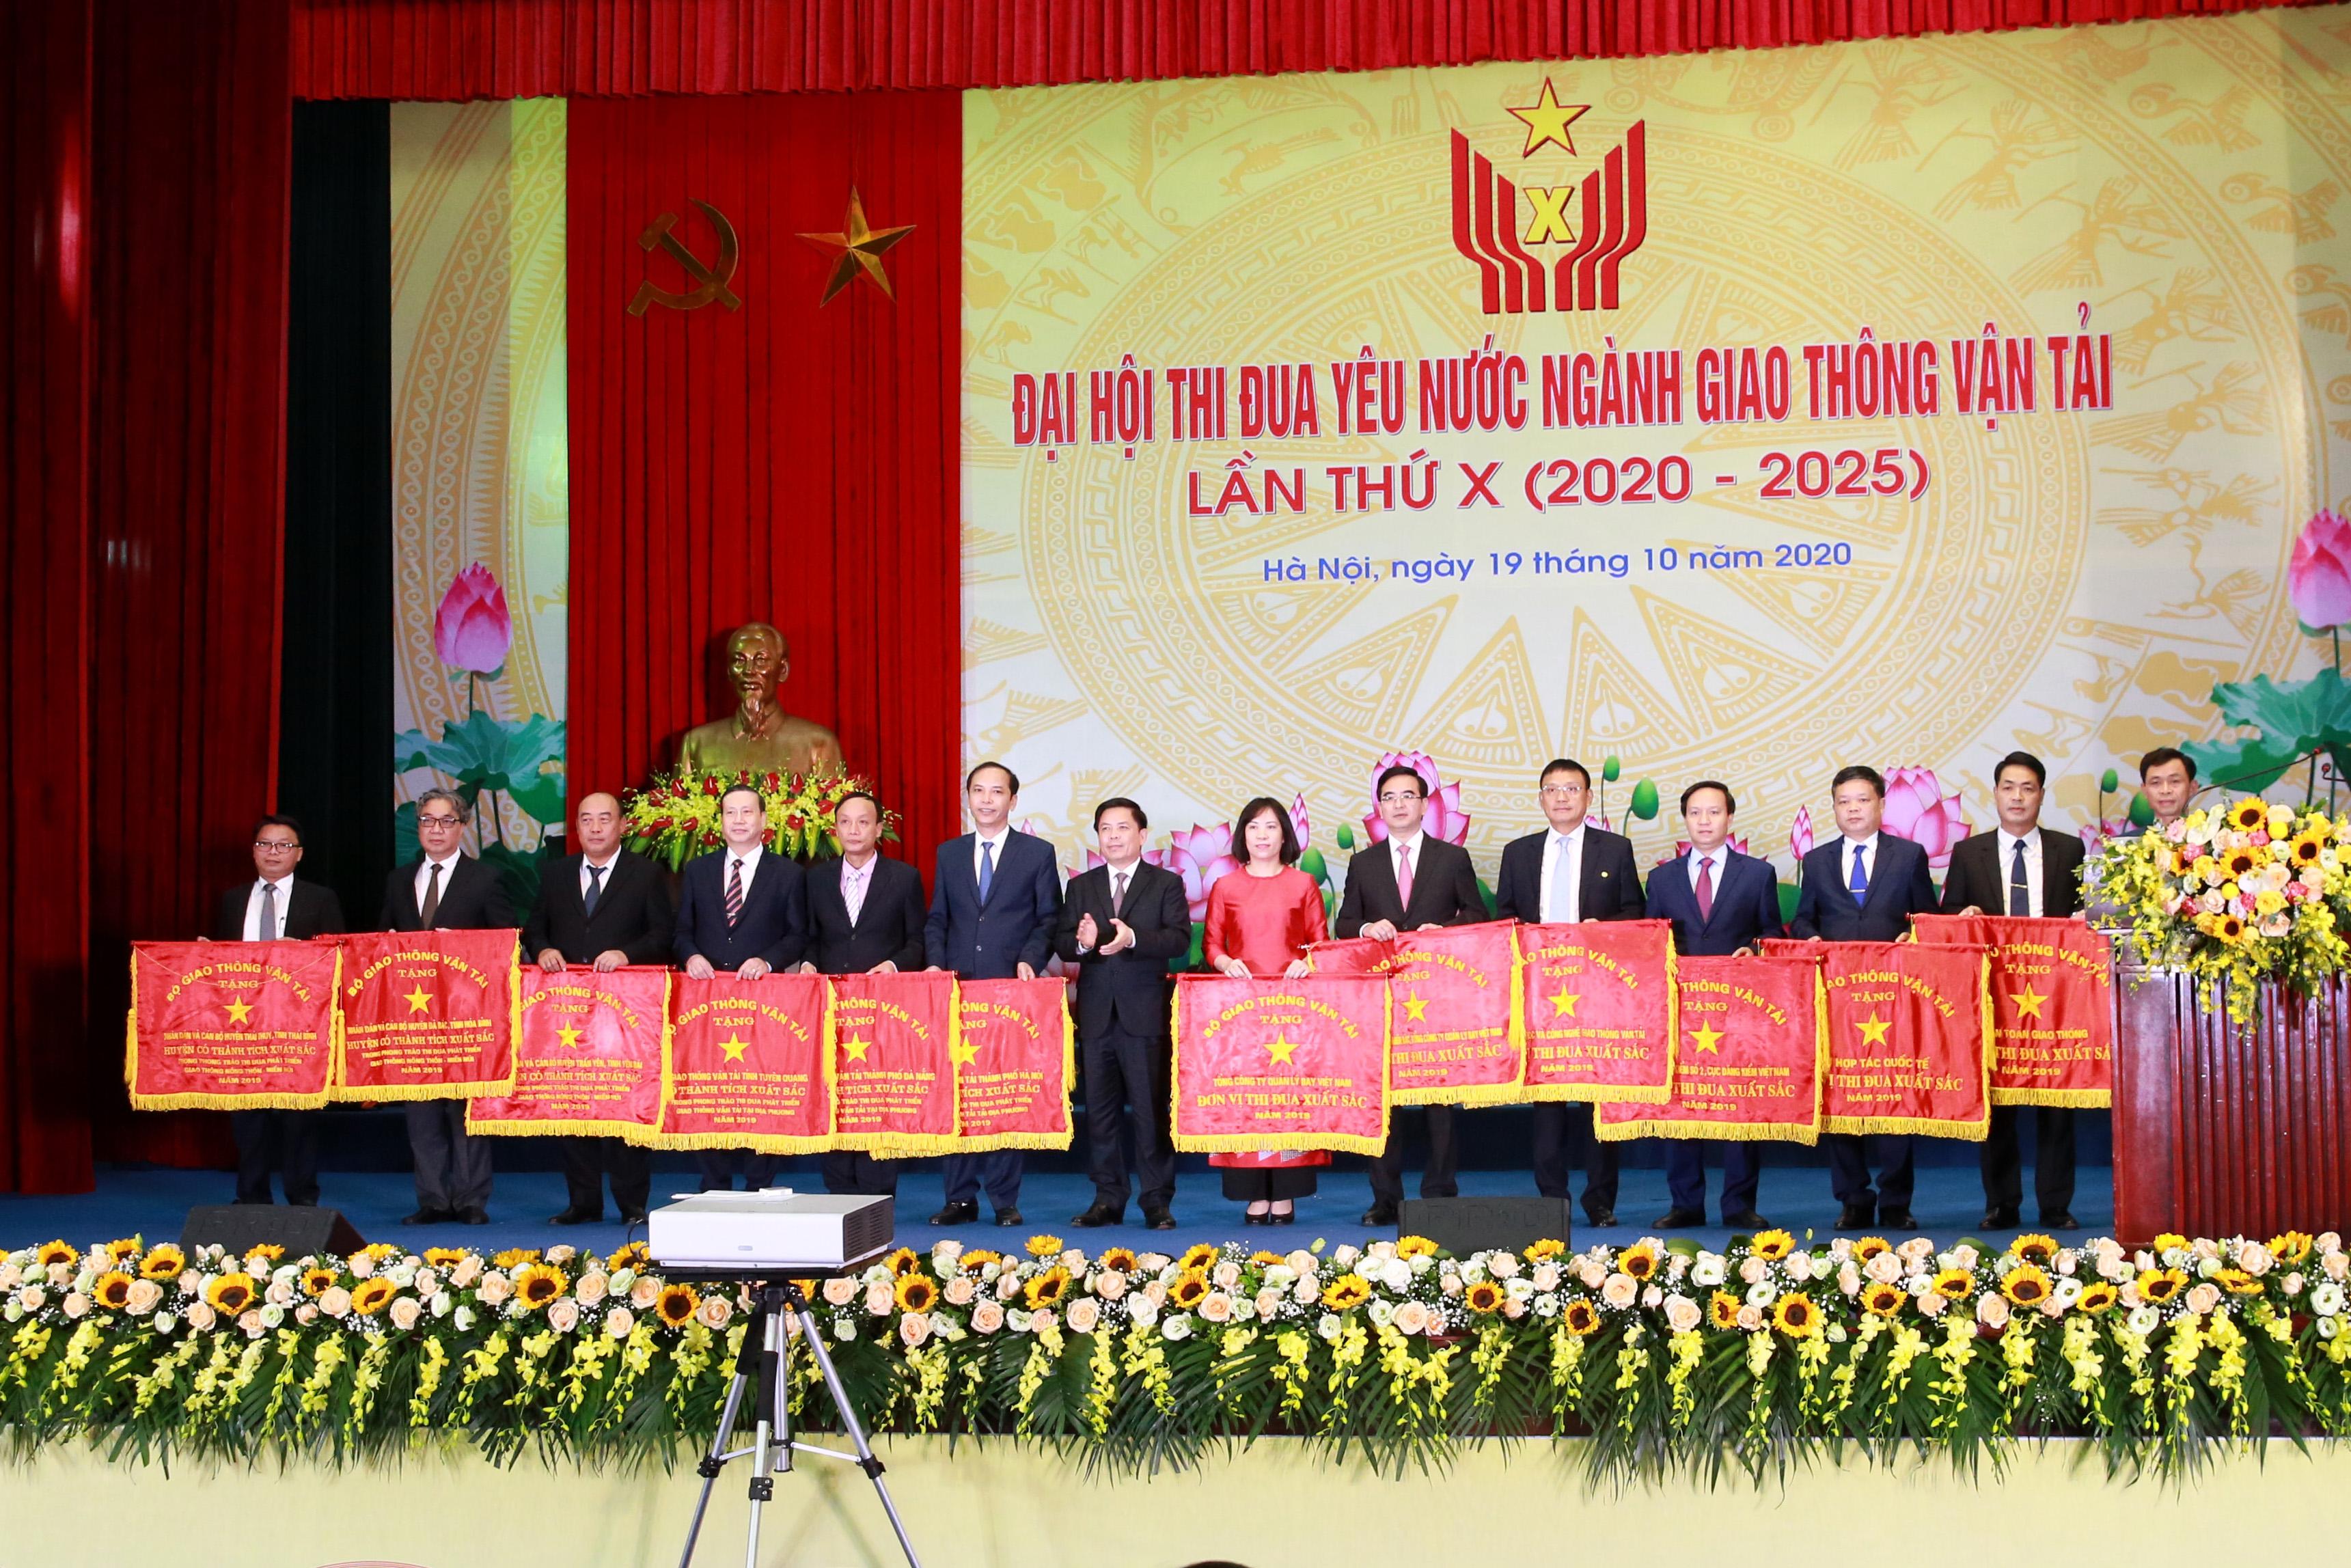 Tổng công ty Quản lý bay Việt Nam được biểu dương tại Đại hội Thi đua yêu nước ngành Giao thông vận tải